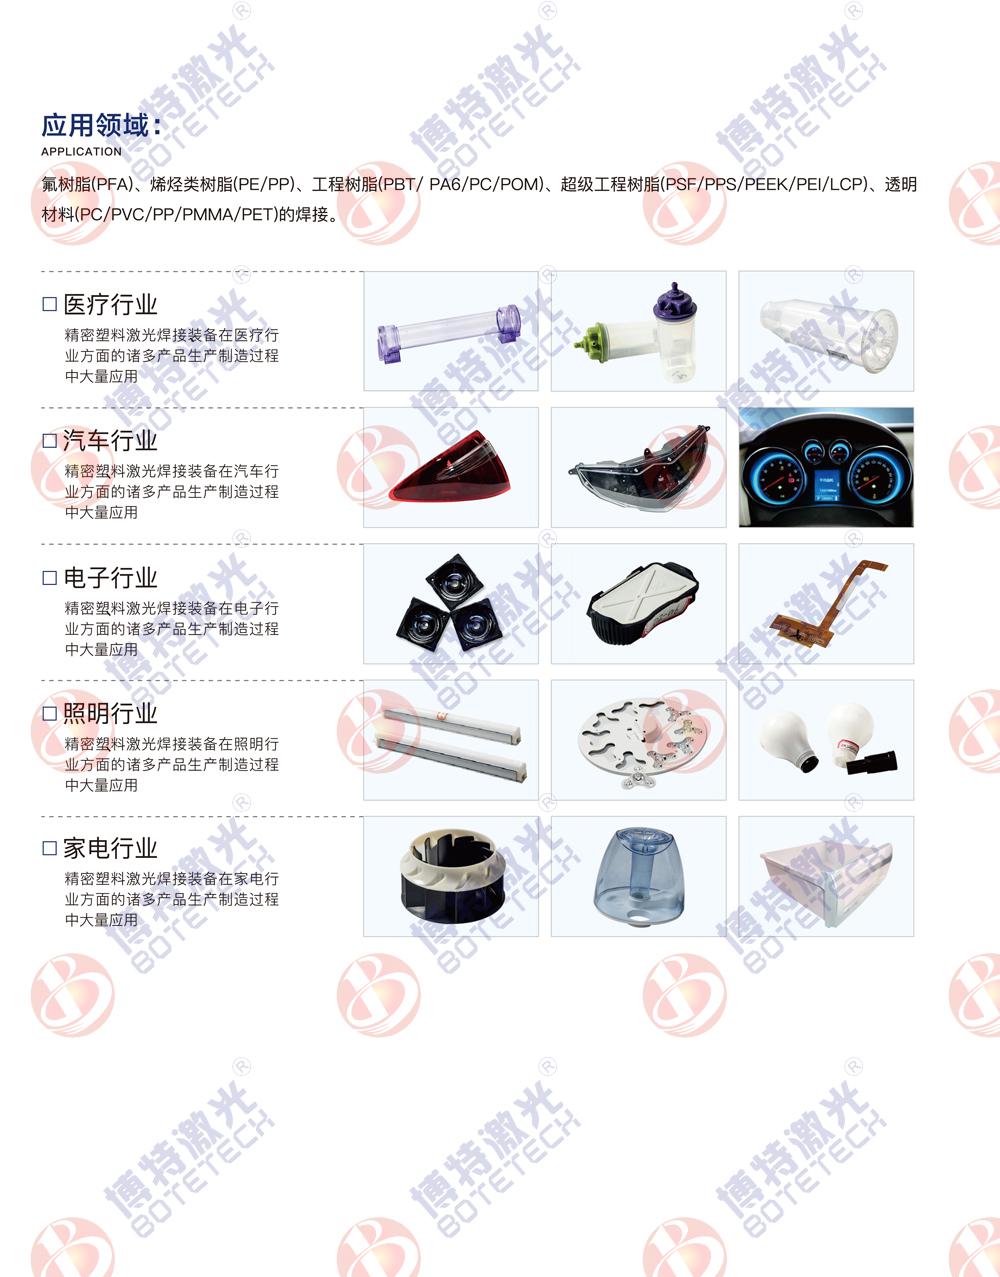 塑料激光焊接机应用